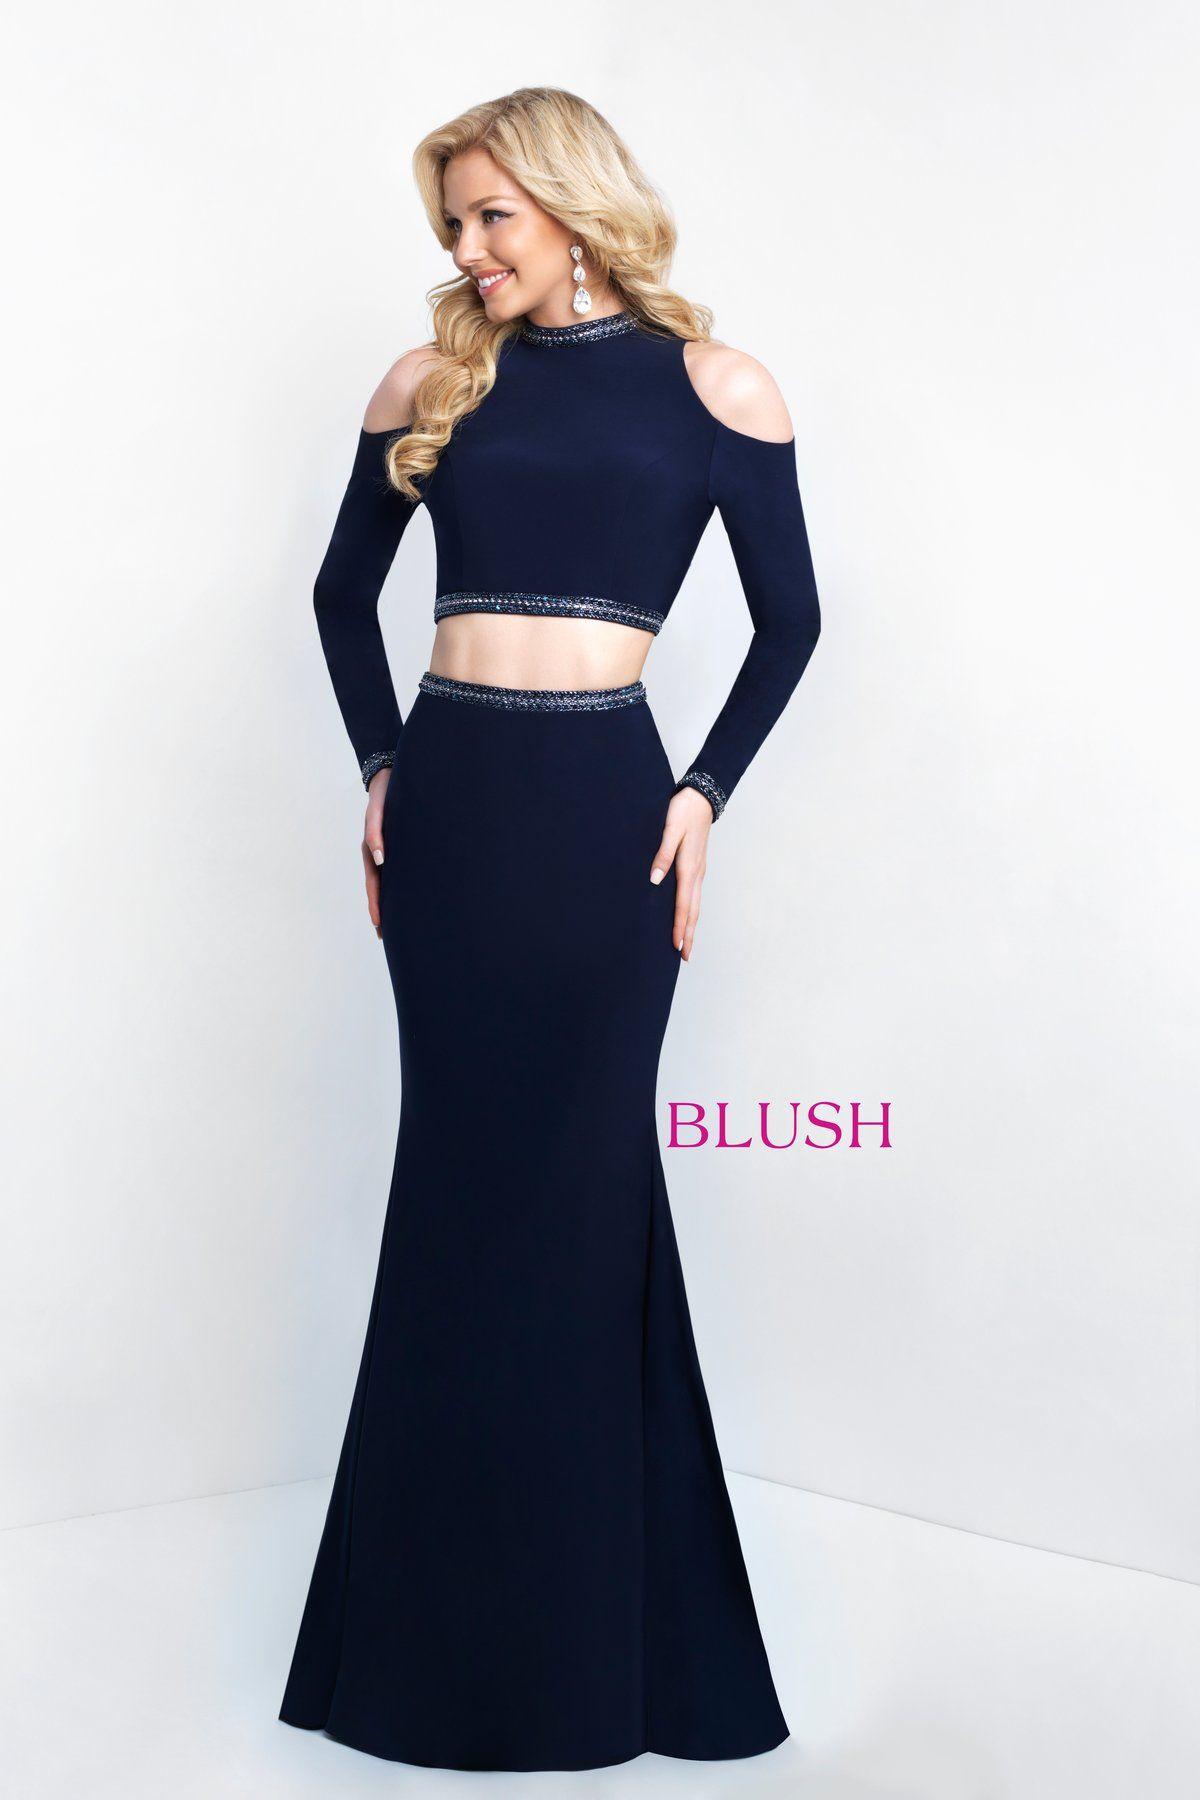 Pin von Glitz And Gowns auf Blush Prom 2018 | Pinterest